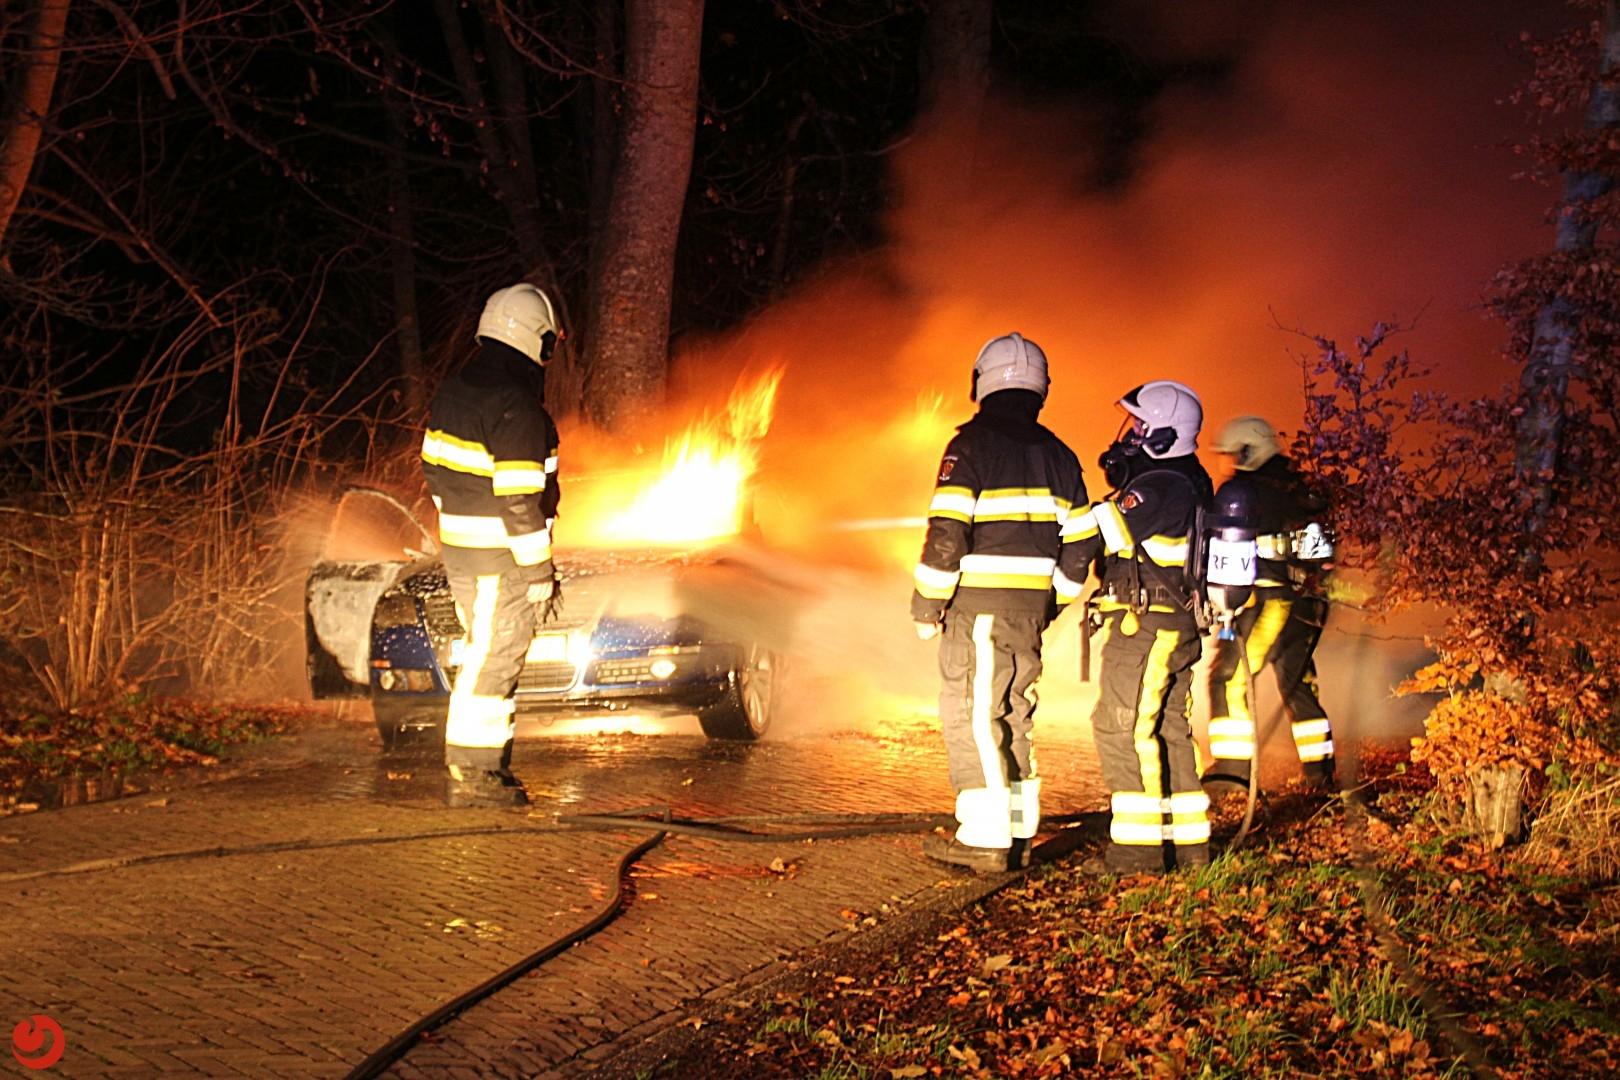 Rijdende auto vliegt spontaan in brand